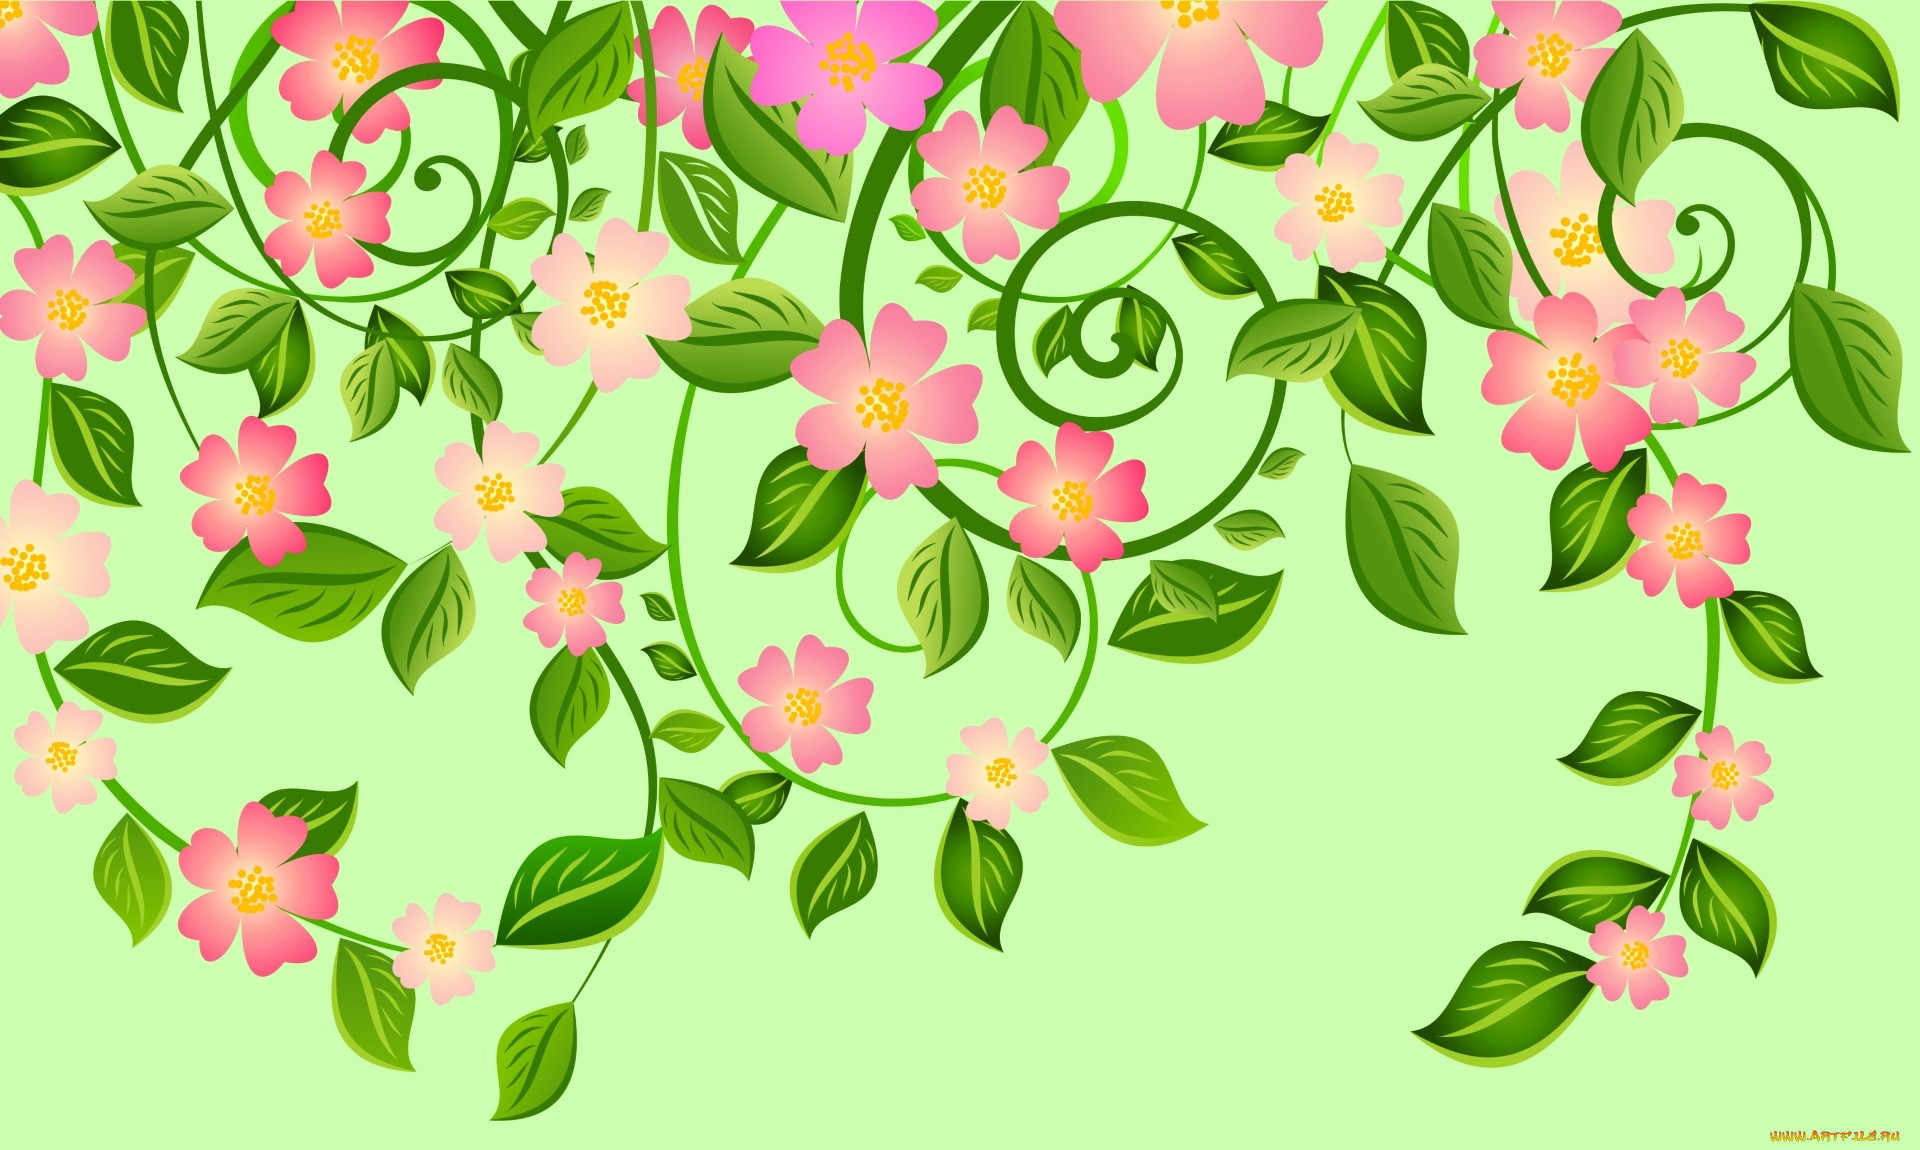 бедра картинка цветочный фон на прозрачном фоне кнопками